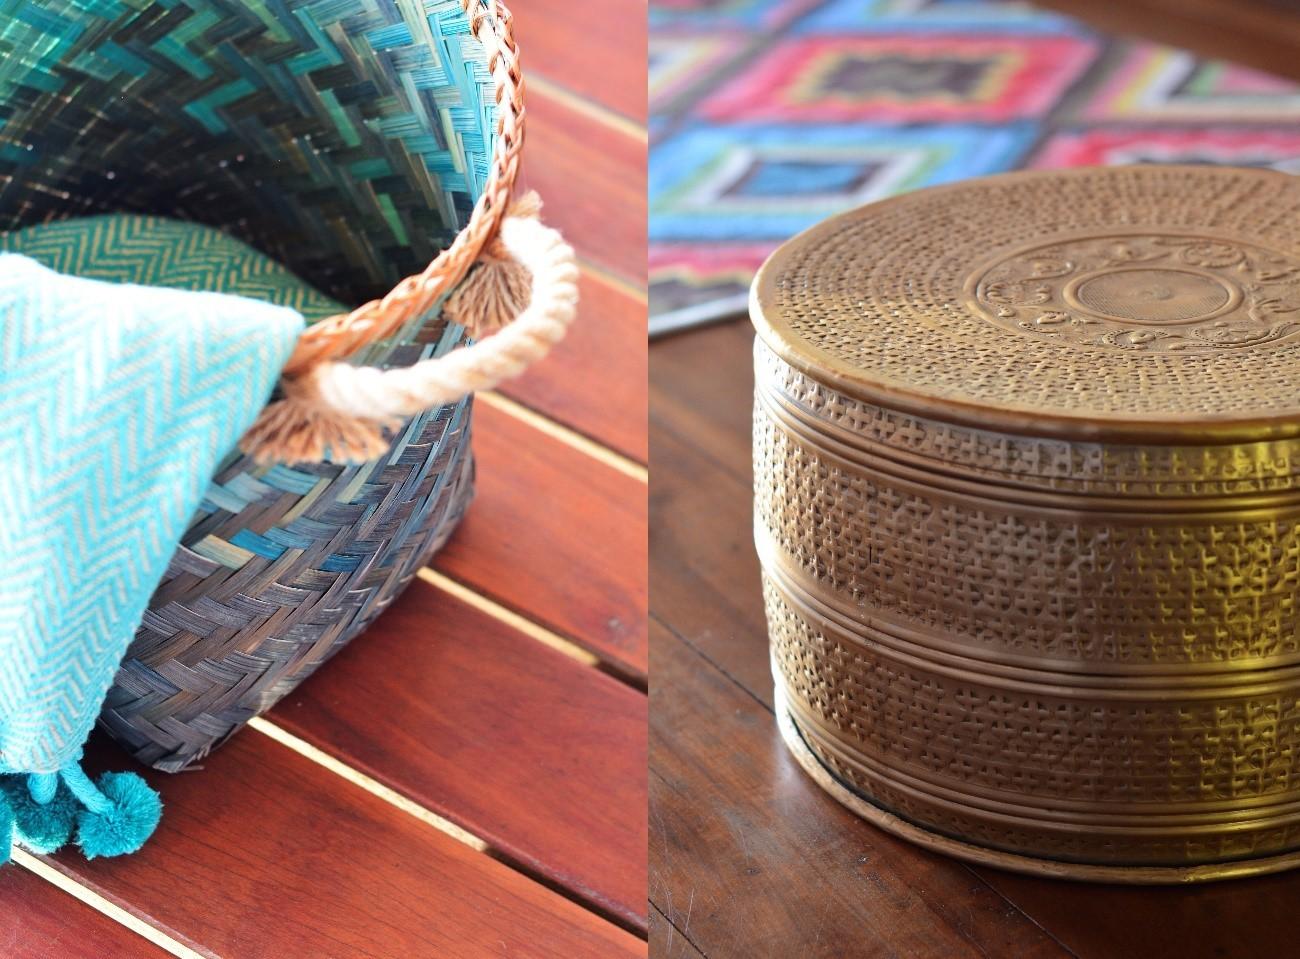 Cesto e peça metálica da nova coleção da Camicado  (Foto: Divulgação)